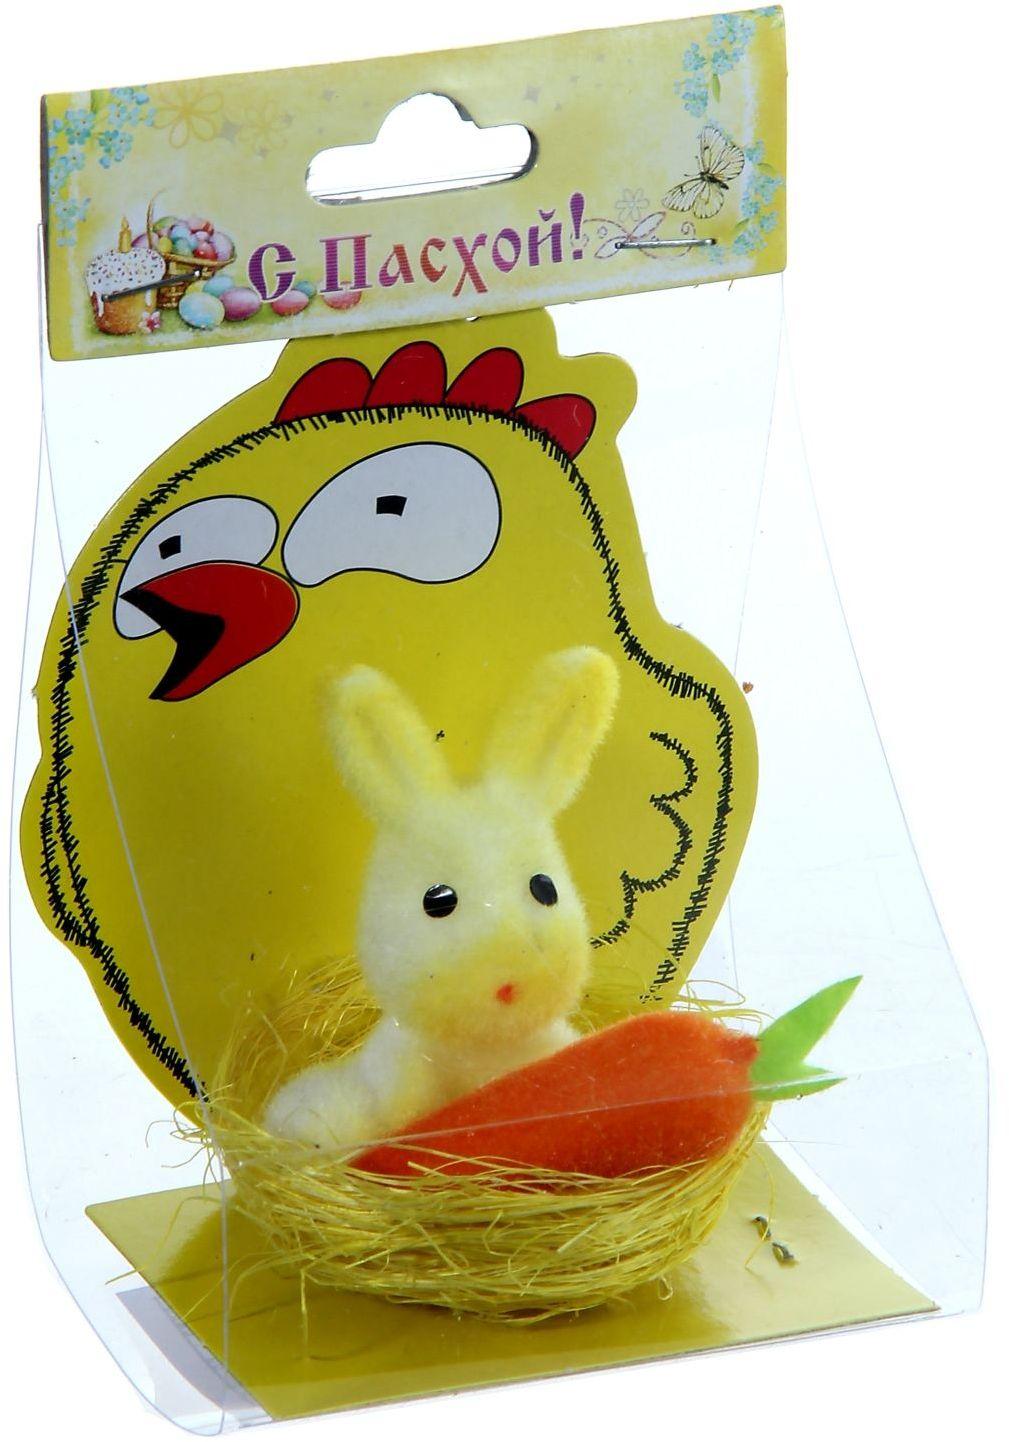 Сувенир пасхальный Sima-land Пасхальный кролик, 5 х 5 х 5,5 см926190Пасха – самый светлый семейный праздник со своими традициями, обычаями и, конечно же, символами. Самый светлый весенний семейный праздник, конечно, Пасха. Симпатичные цыплята и курочки с расписными яйцами в корзинках украшают столы в этот день вместе с традиционными блюдами и выпечкой. Перед вами сувенир Пасхальный кролик в корзинке - не просто пасхальный декор, а символ плодородия. Добавит тепло и уют в светлое весеннее воскресенье. Напомните младшему поколению, что по традиции, зайчик оставляет в подарок хорошим послушным детям разноцветные яички и сладости в тайном местечке, а в каком именно решать вам.